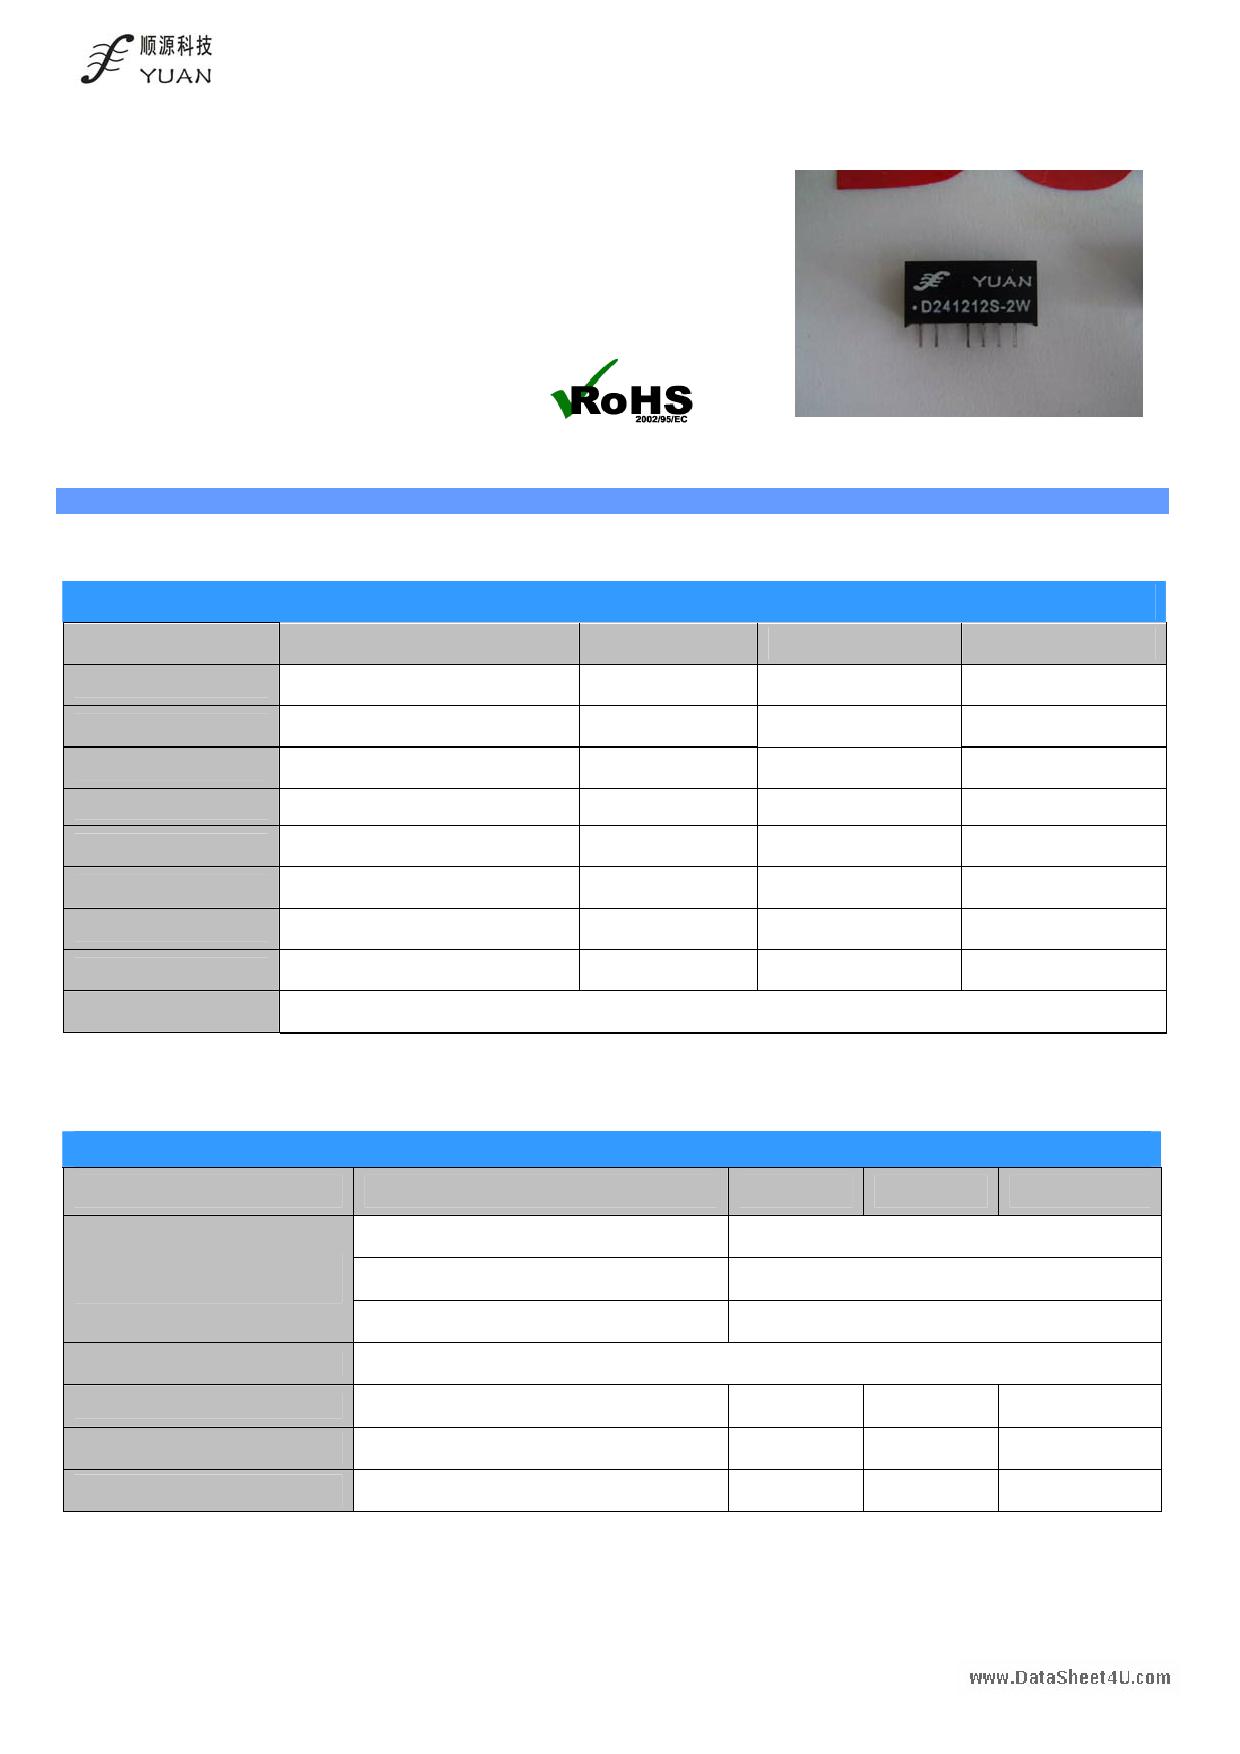 D05xxS-2W Hoja de datos, Descripción, Manual